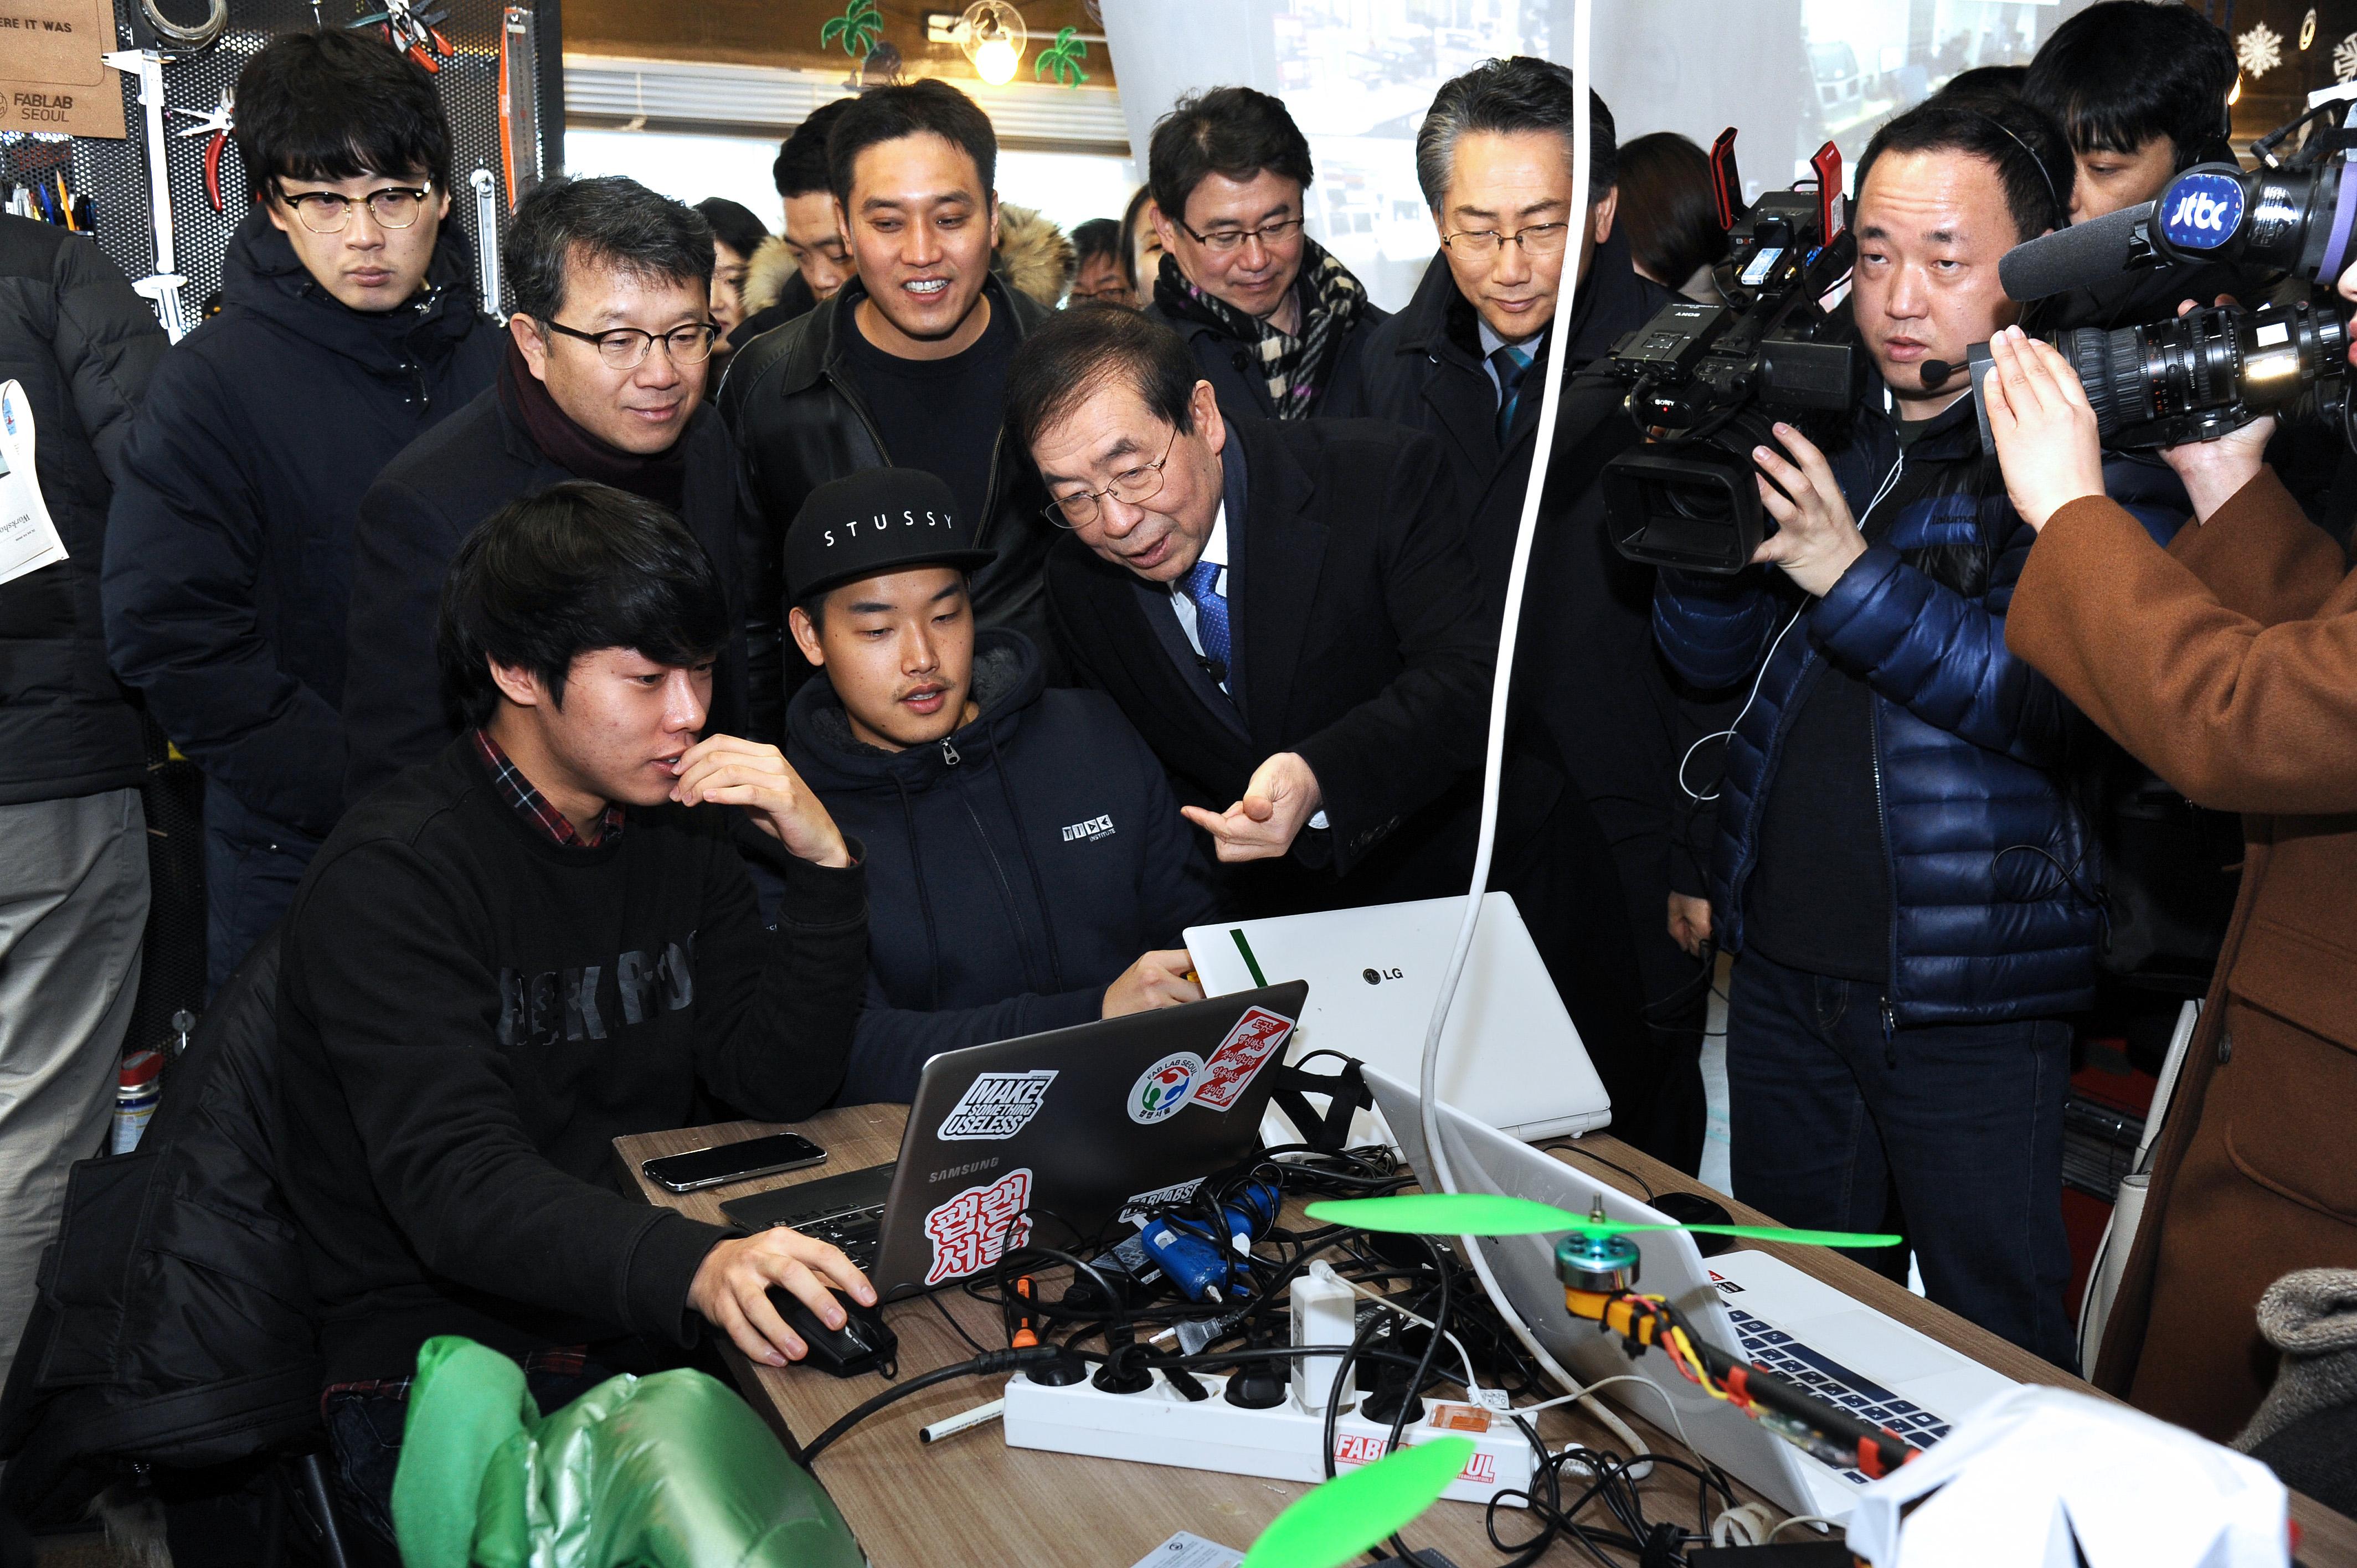 박원순 시장이 28일 오전 고산 에이팀벤처스 대표(박 시장 바로 왼쪽 위)와 함께 제품을 만들고 있는 청년들과 대화하고 있다.